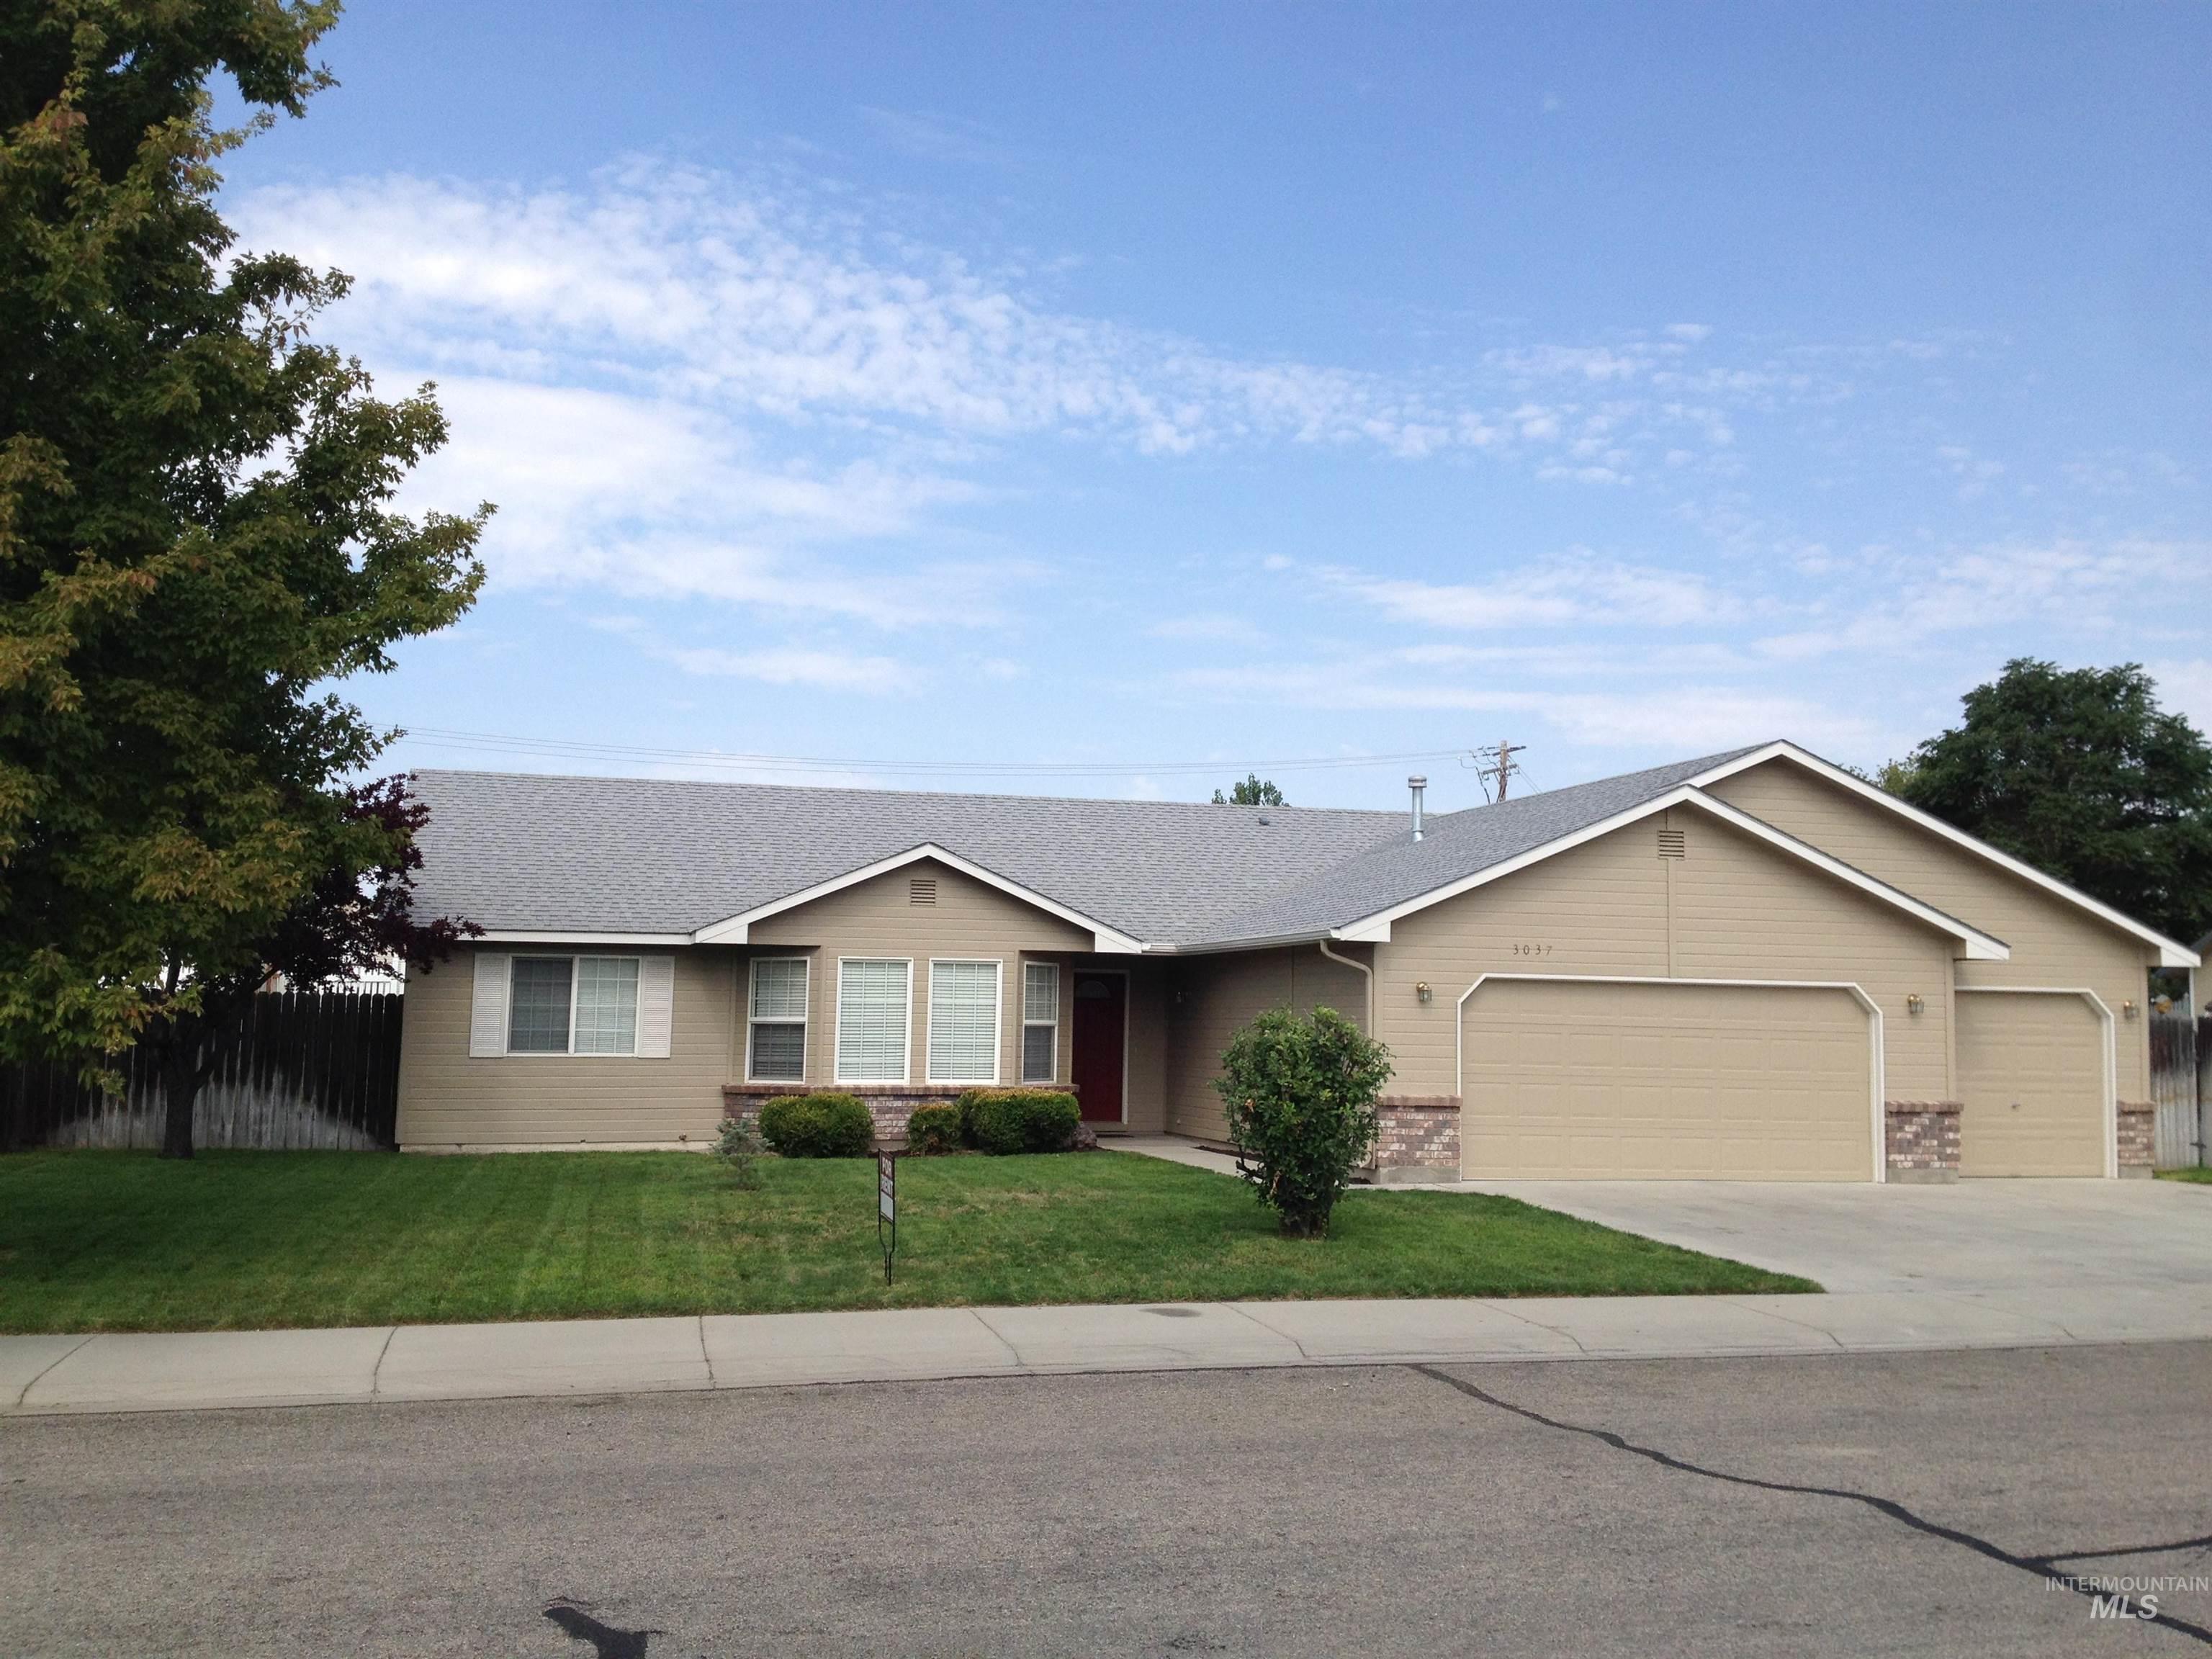 3037 N Hearth Property Photo